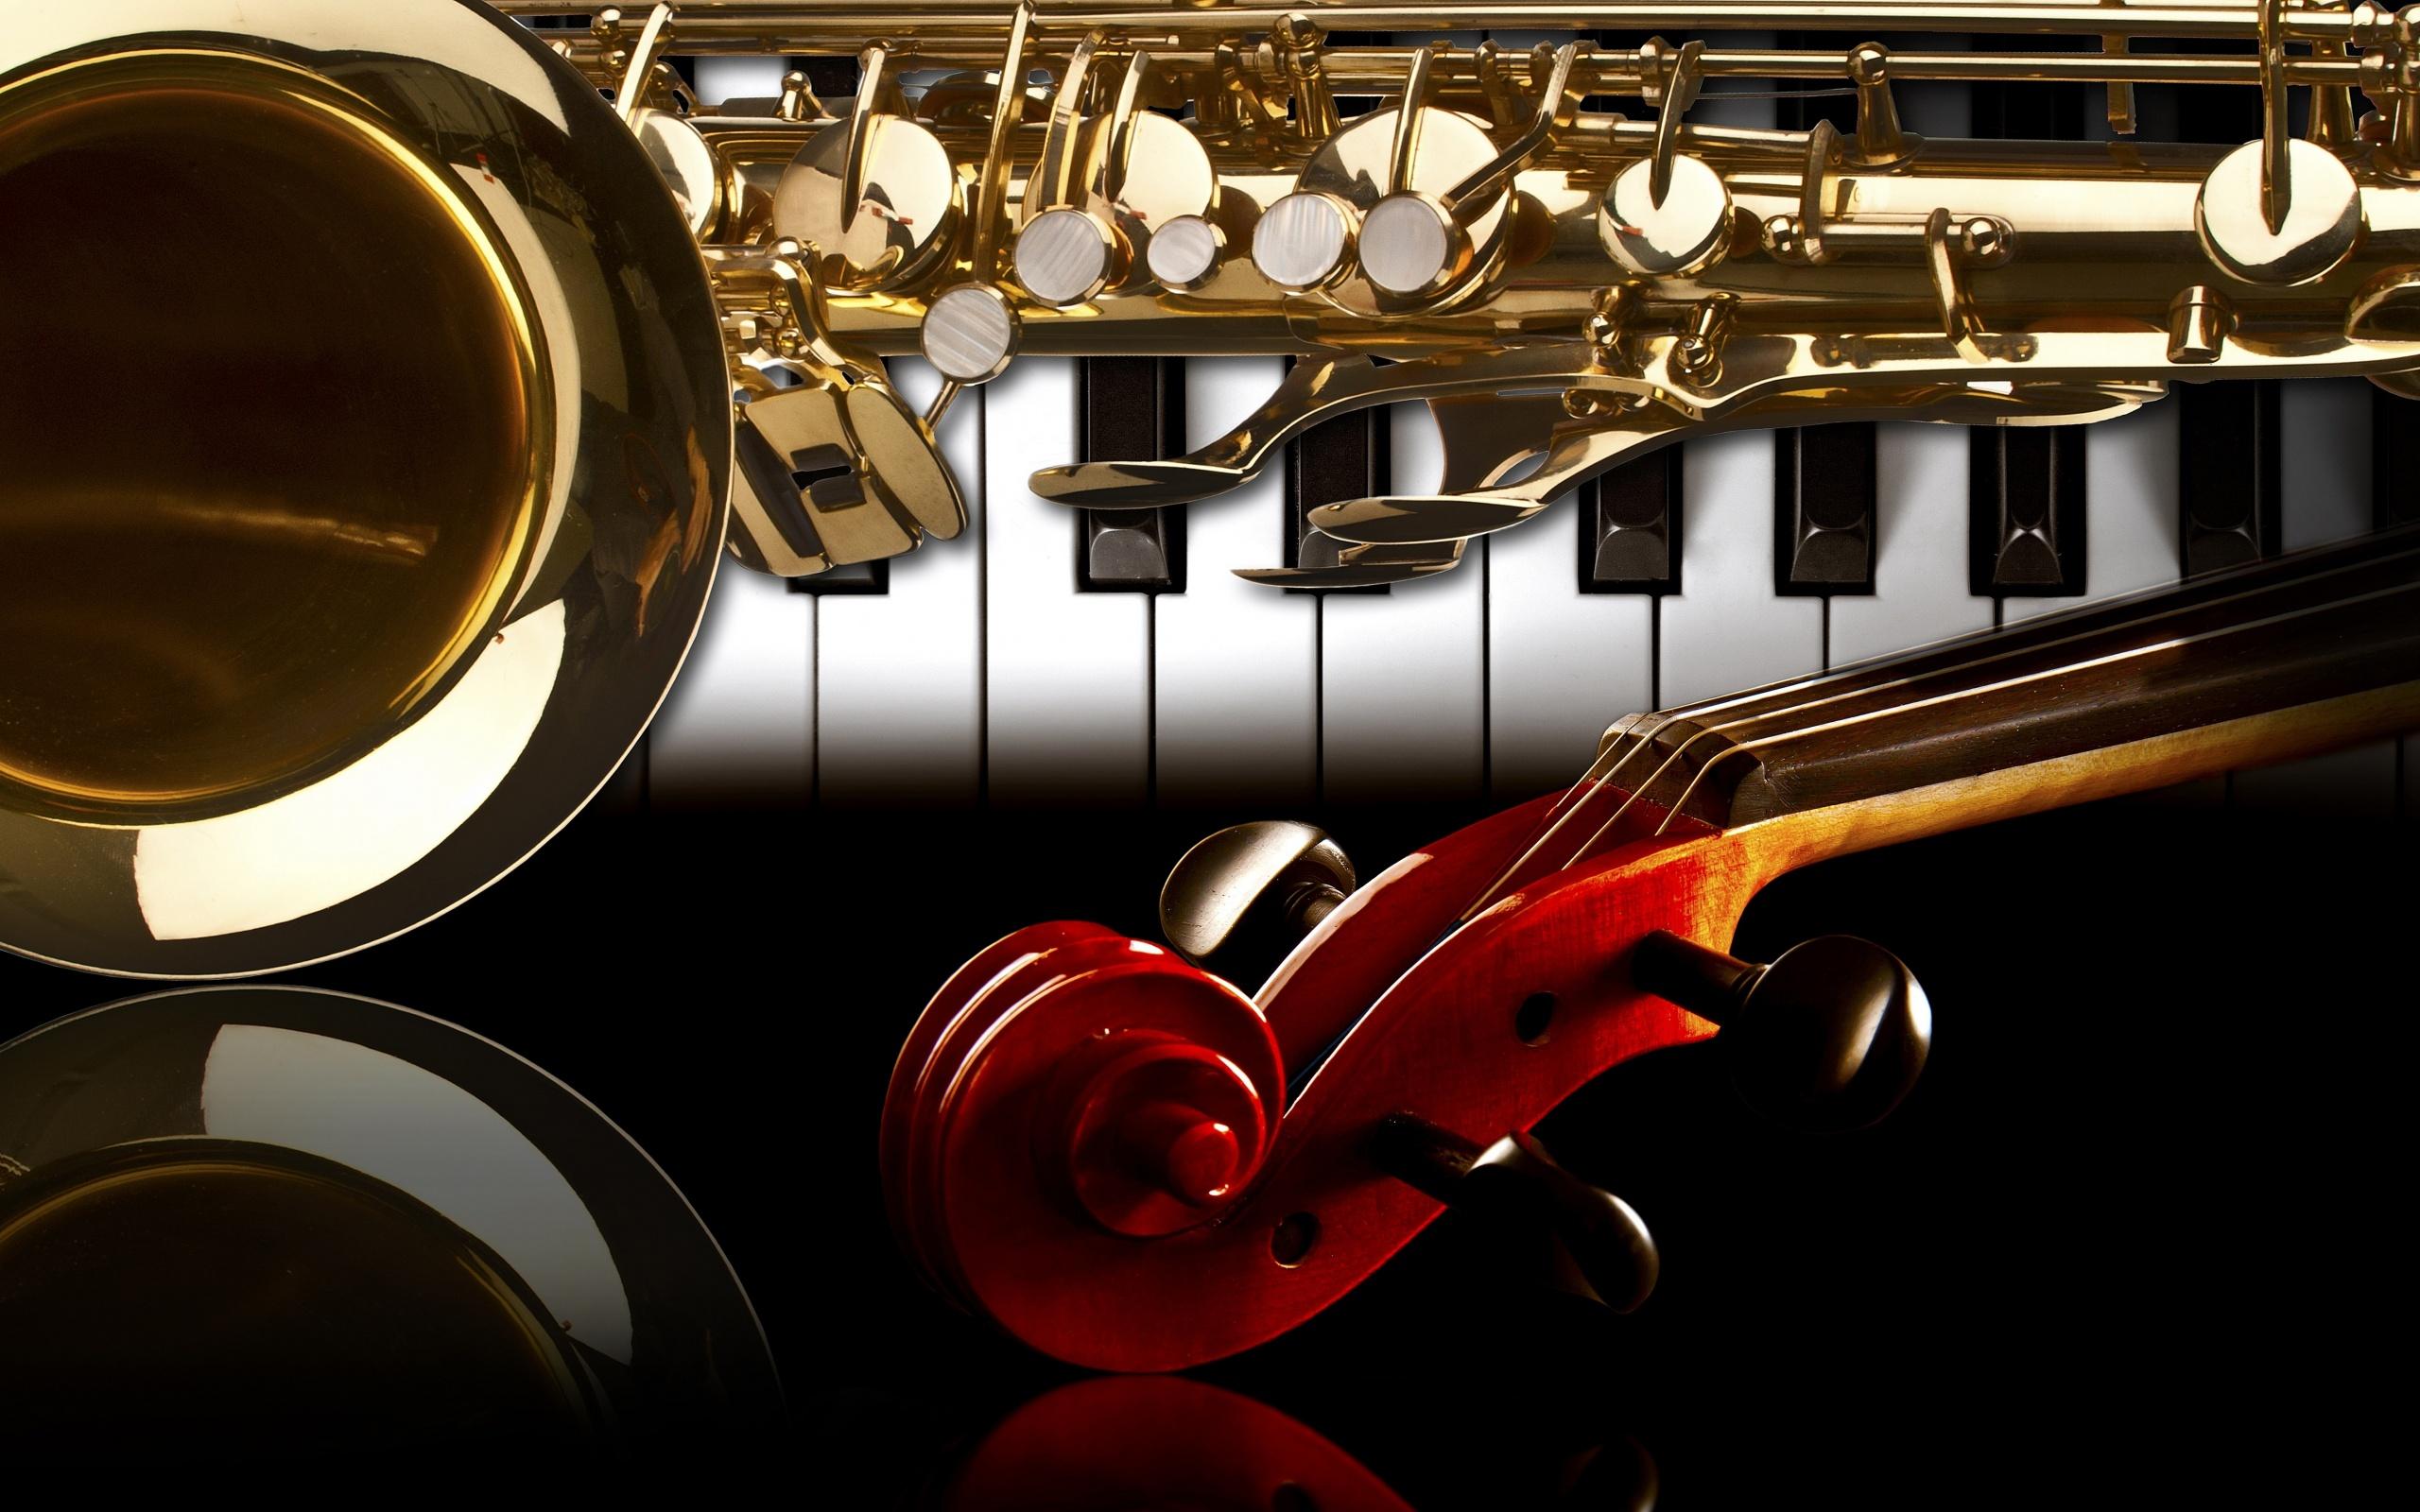 Инструментальная музыка — википедия. что такое инструментальная музыка